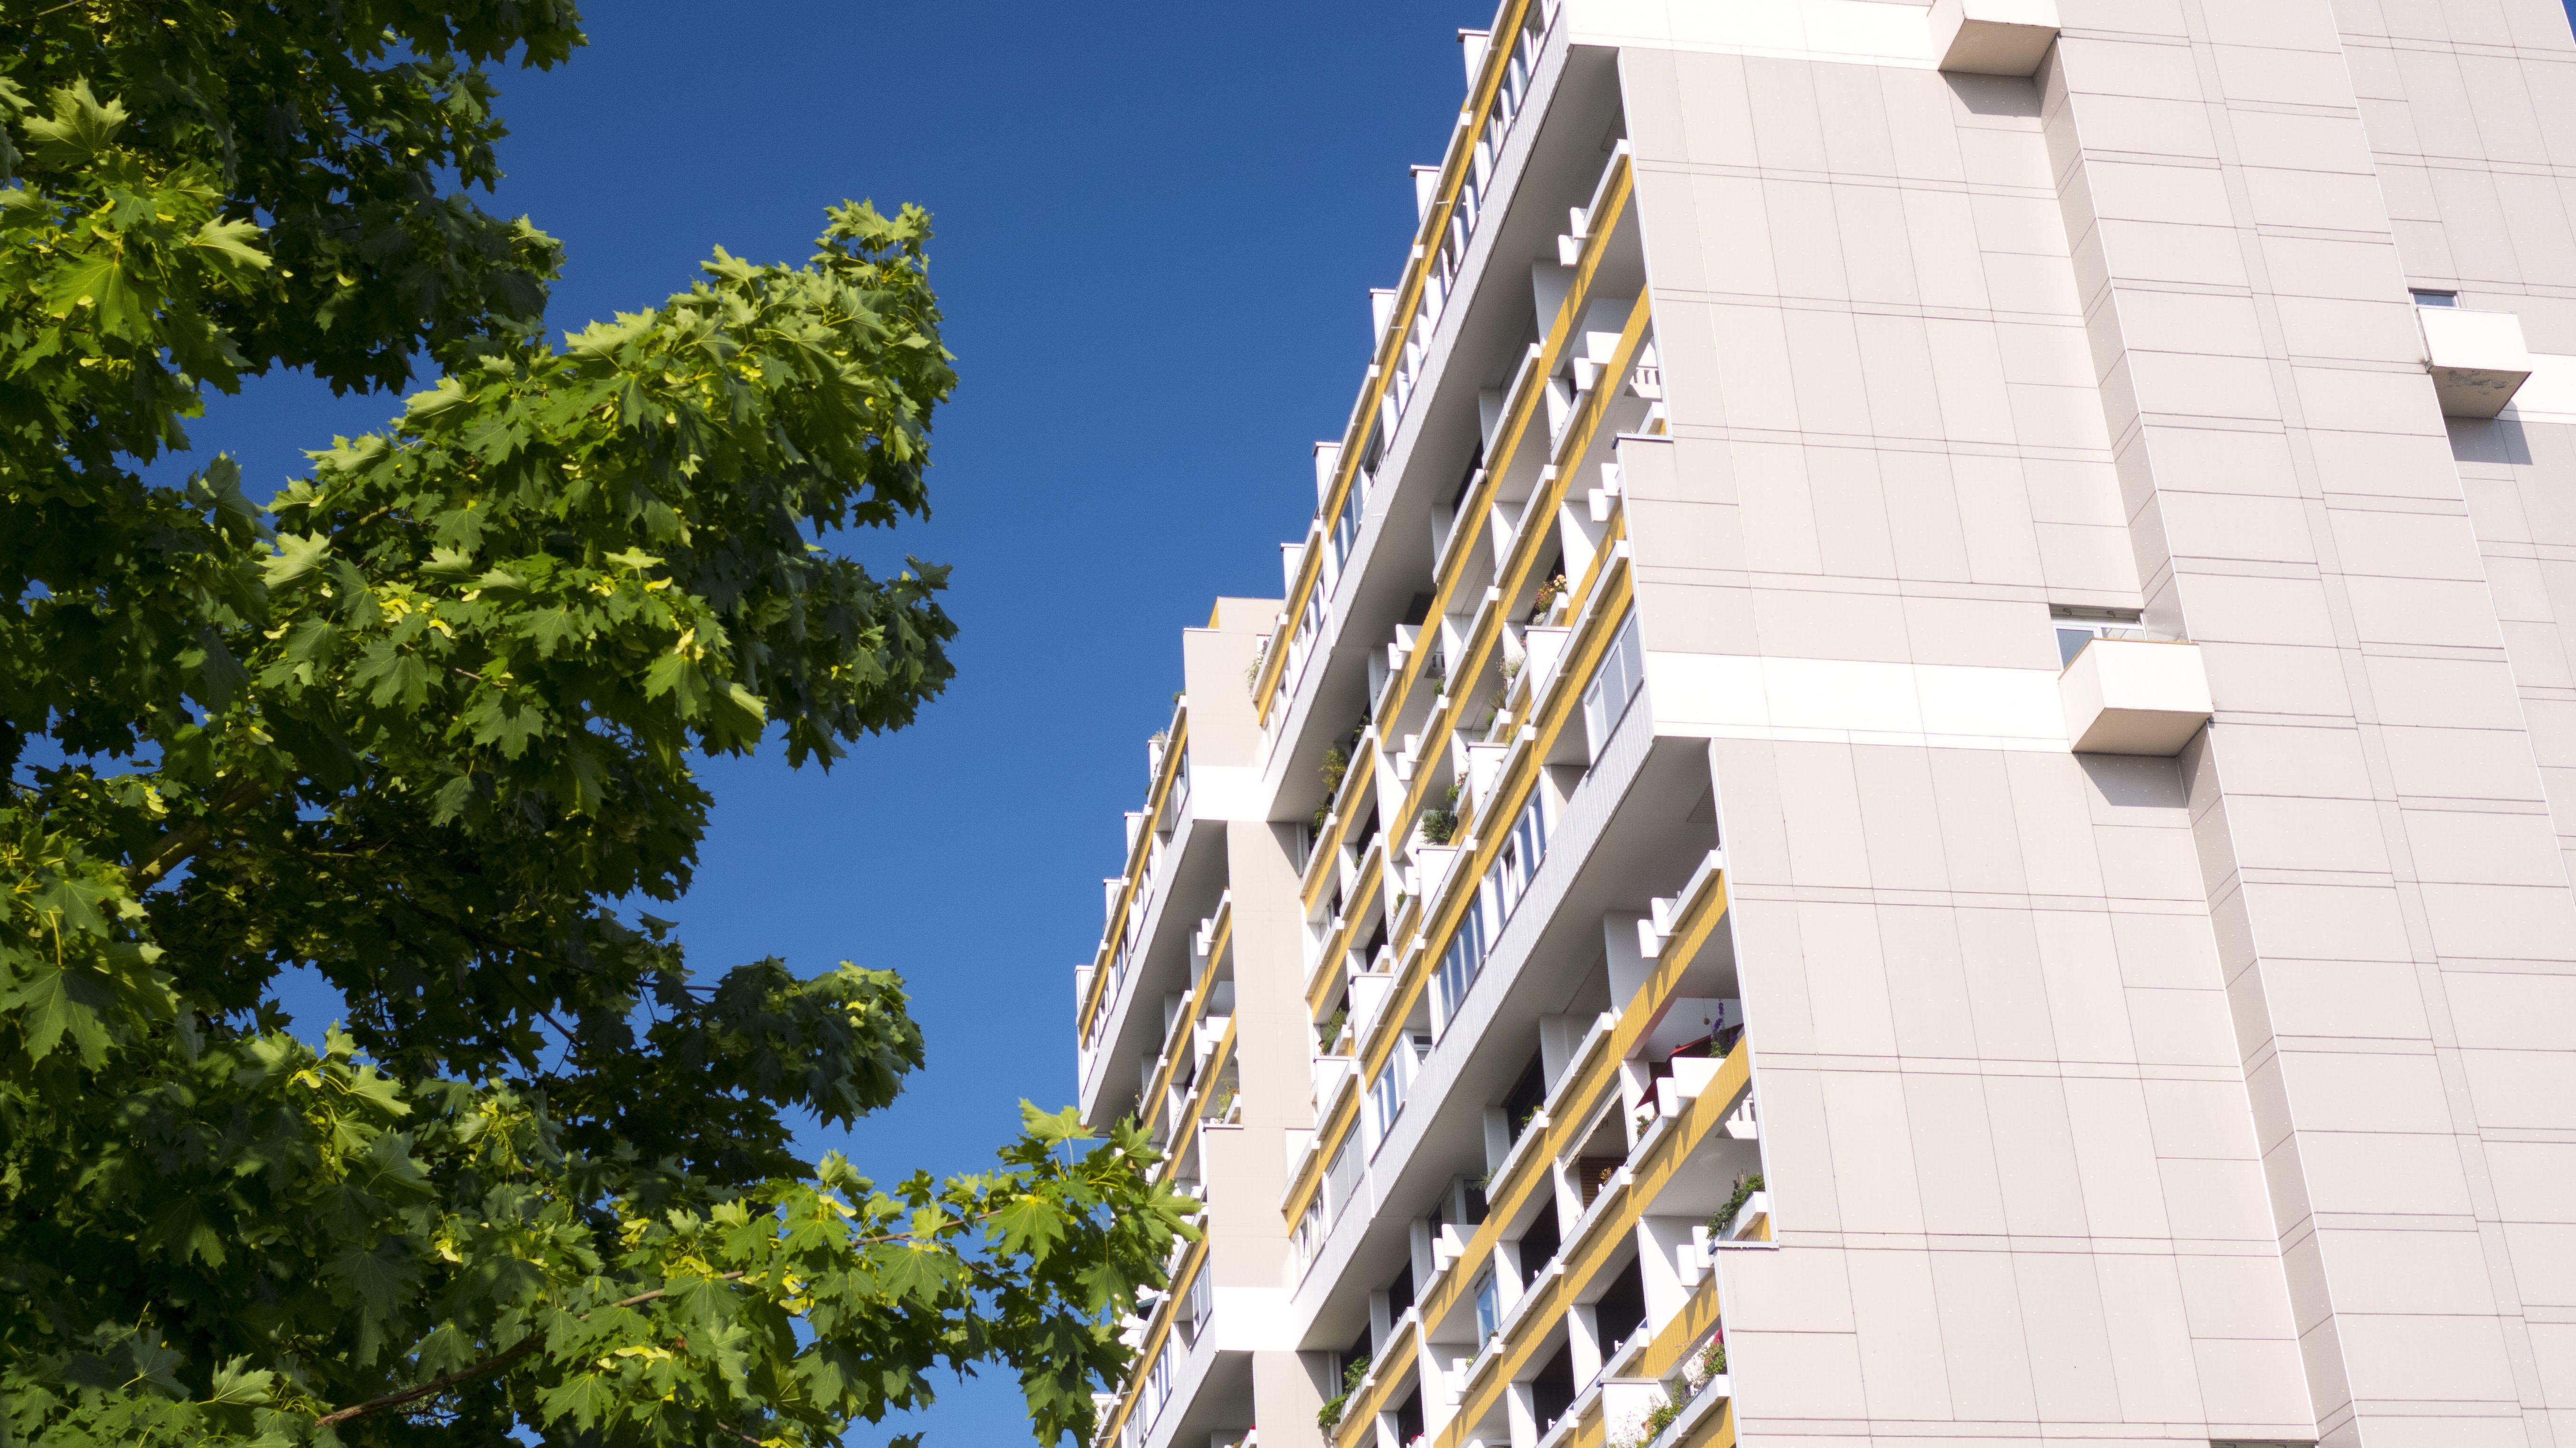 Hochhaus mit Balkonen neben Baum.